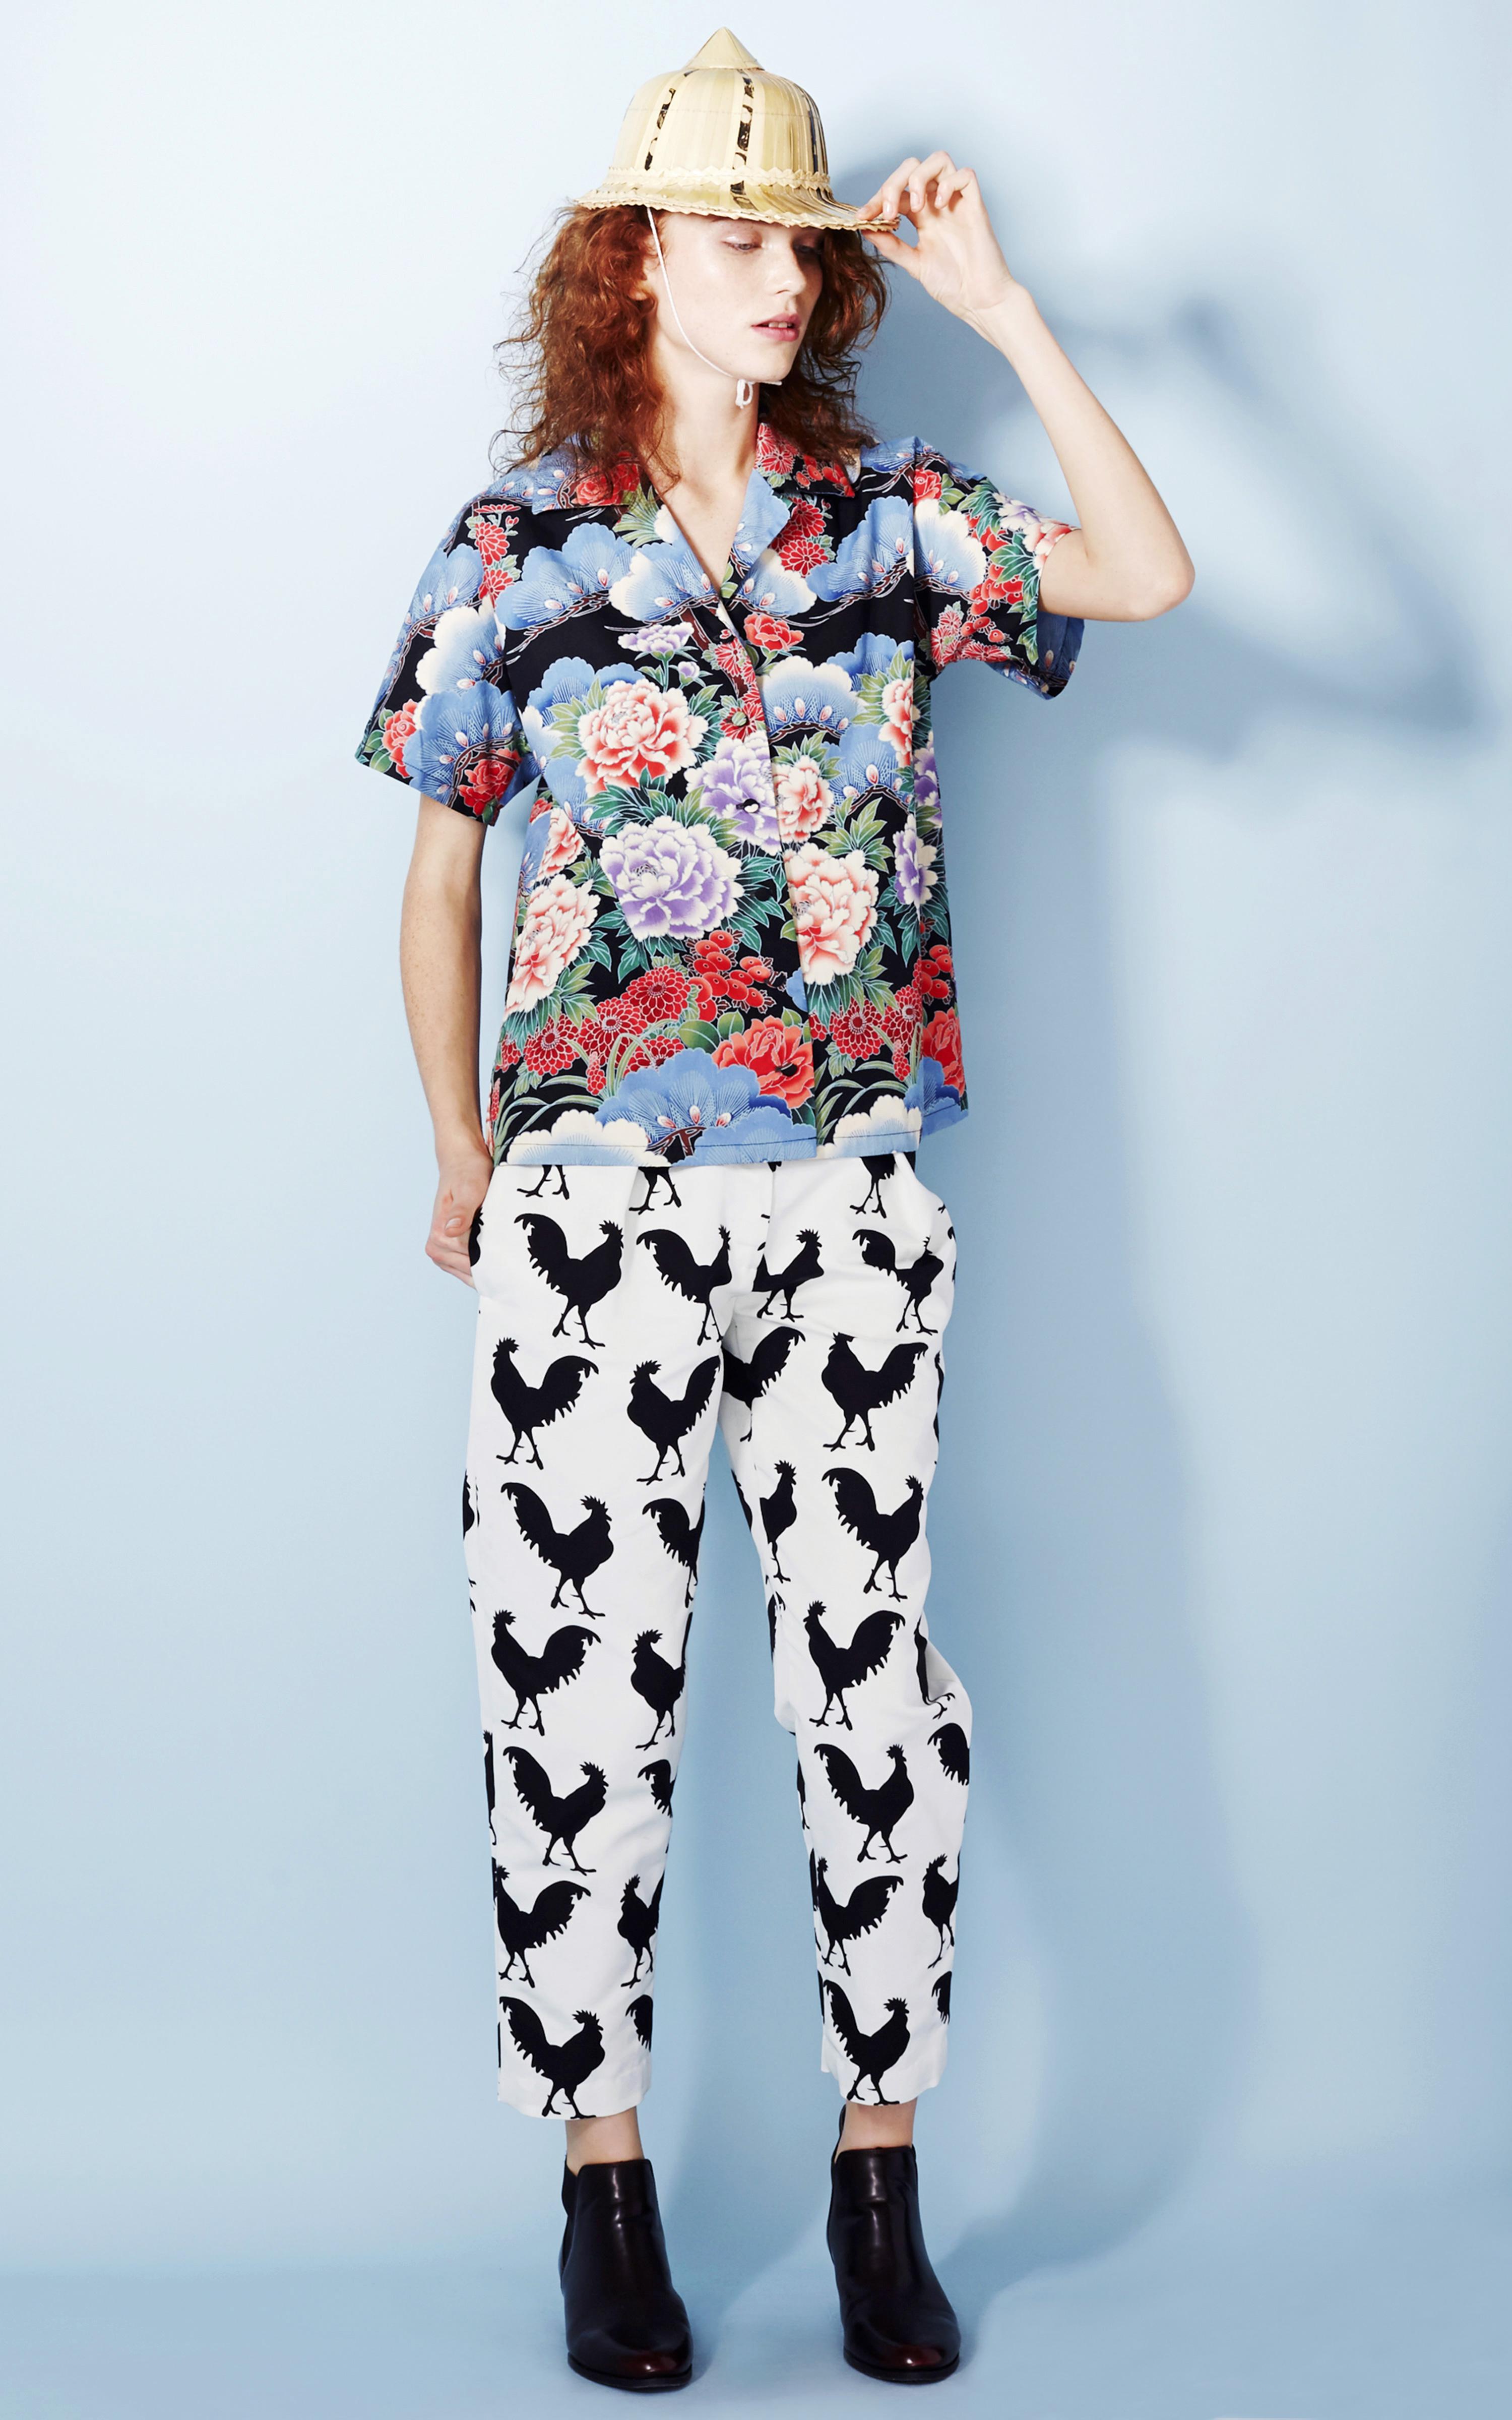 yakuza clothing style - photo #47